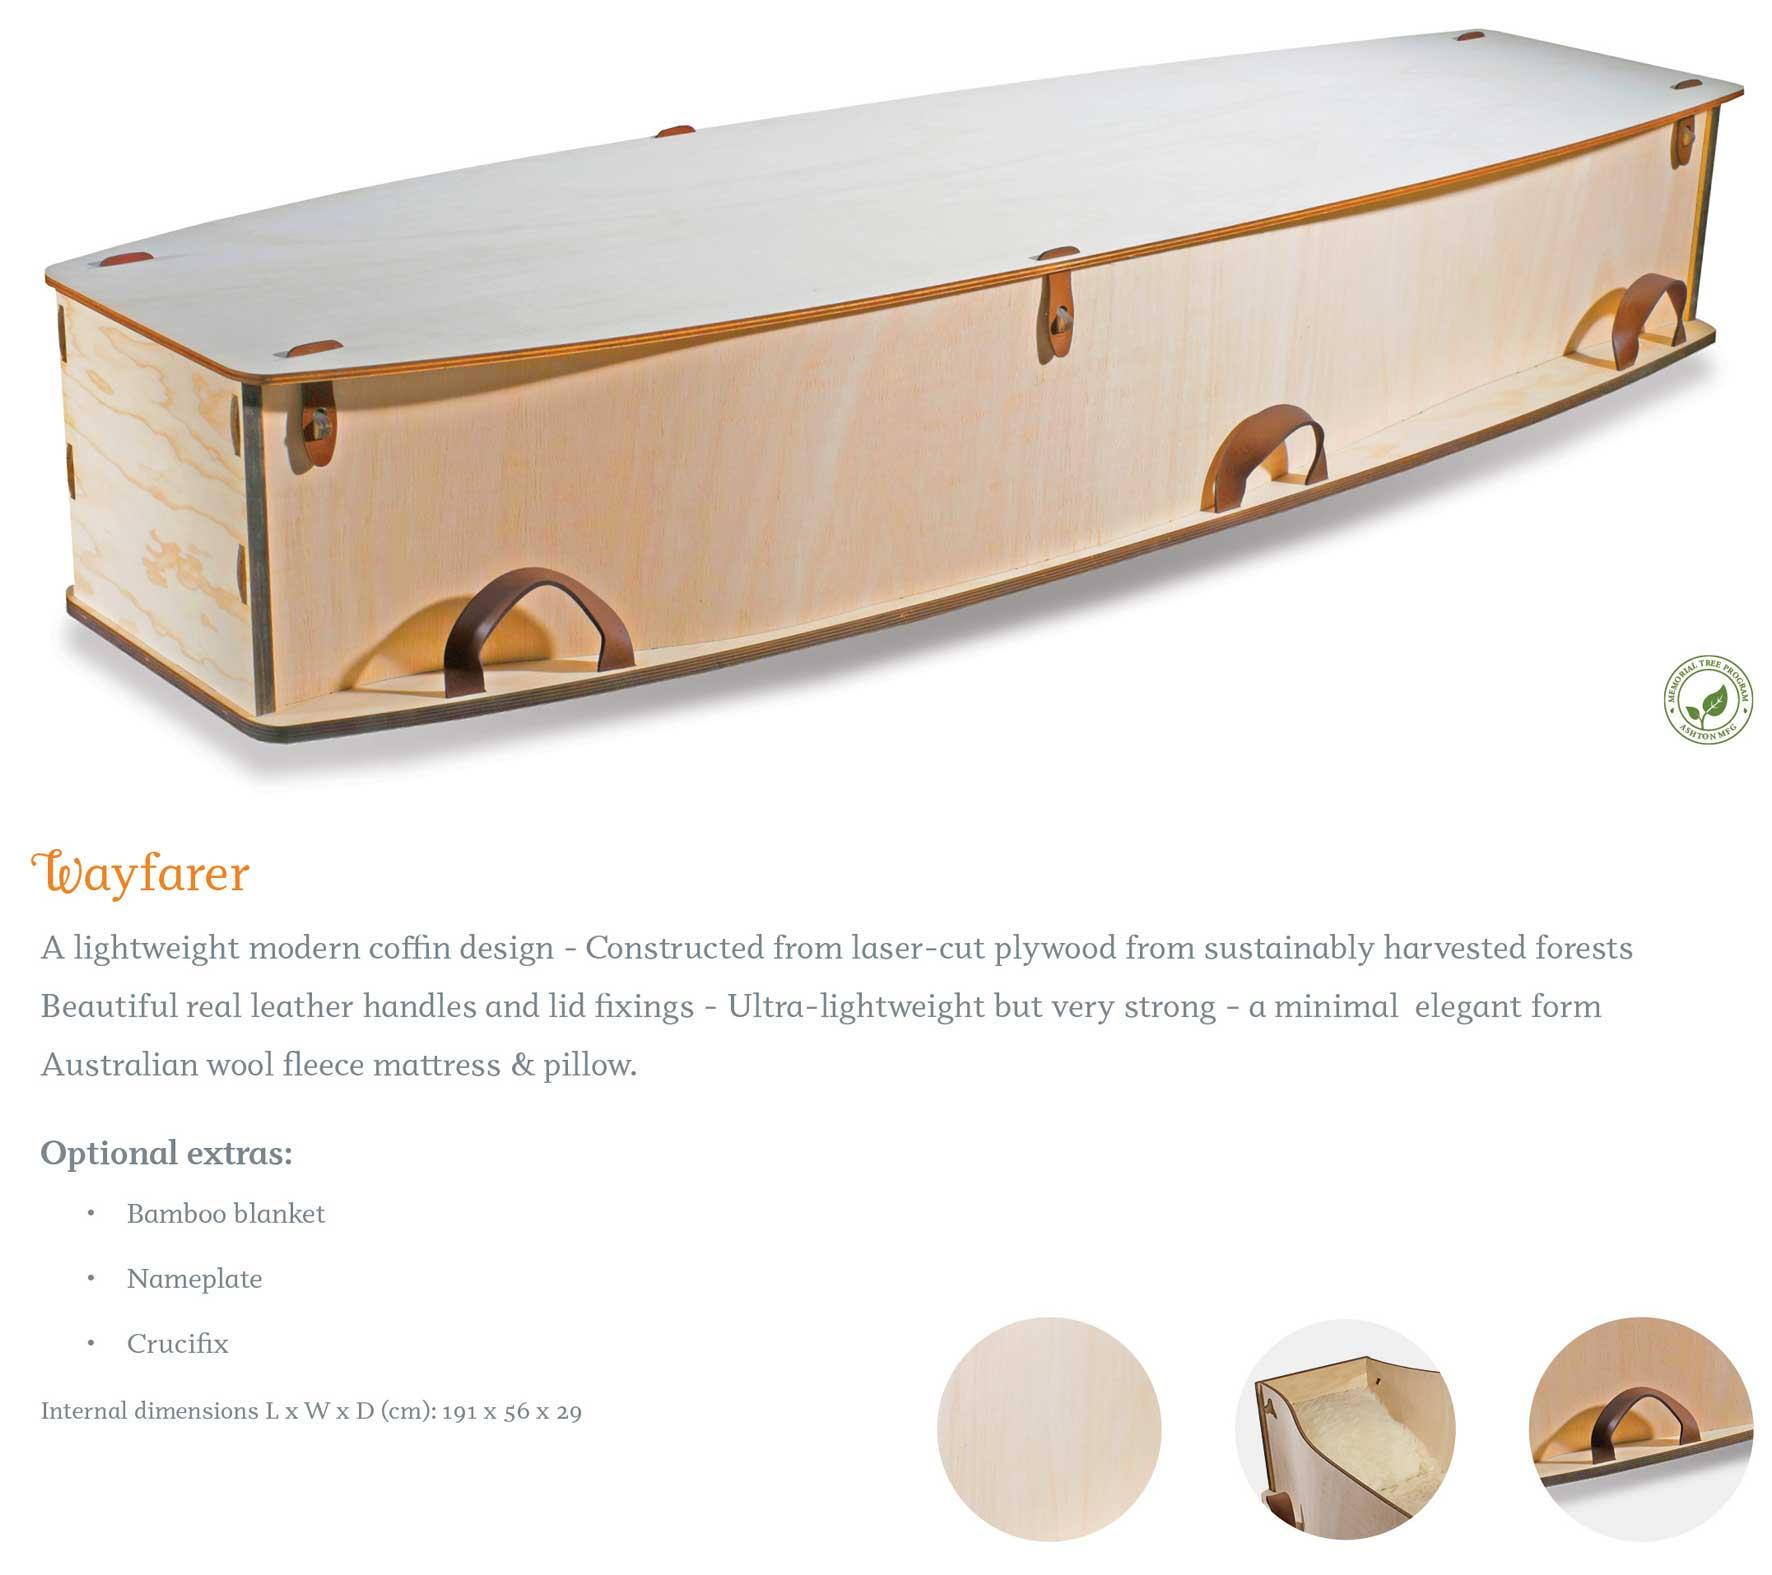 Wayfarer catalogue image